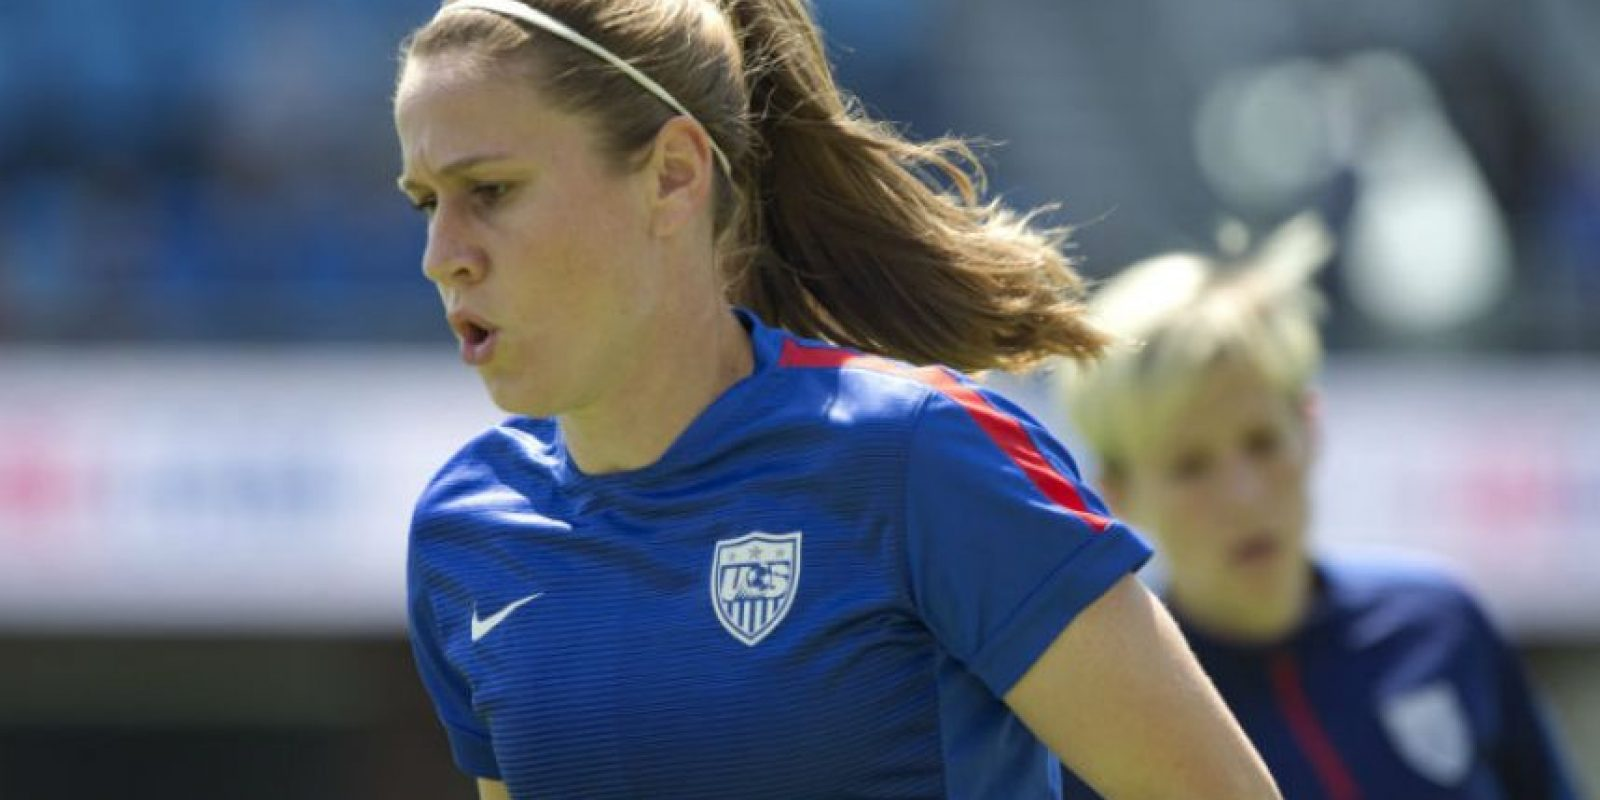 """7. Heather O'Reilly. La futbolista estadounidense trabaja para la fundación """"Women's Sports Foundation"""", que ayuda al desarrollo de las mujeres a través de la actividad física Foto:Getty Images"""